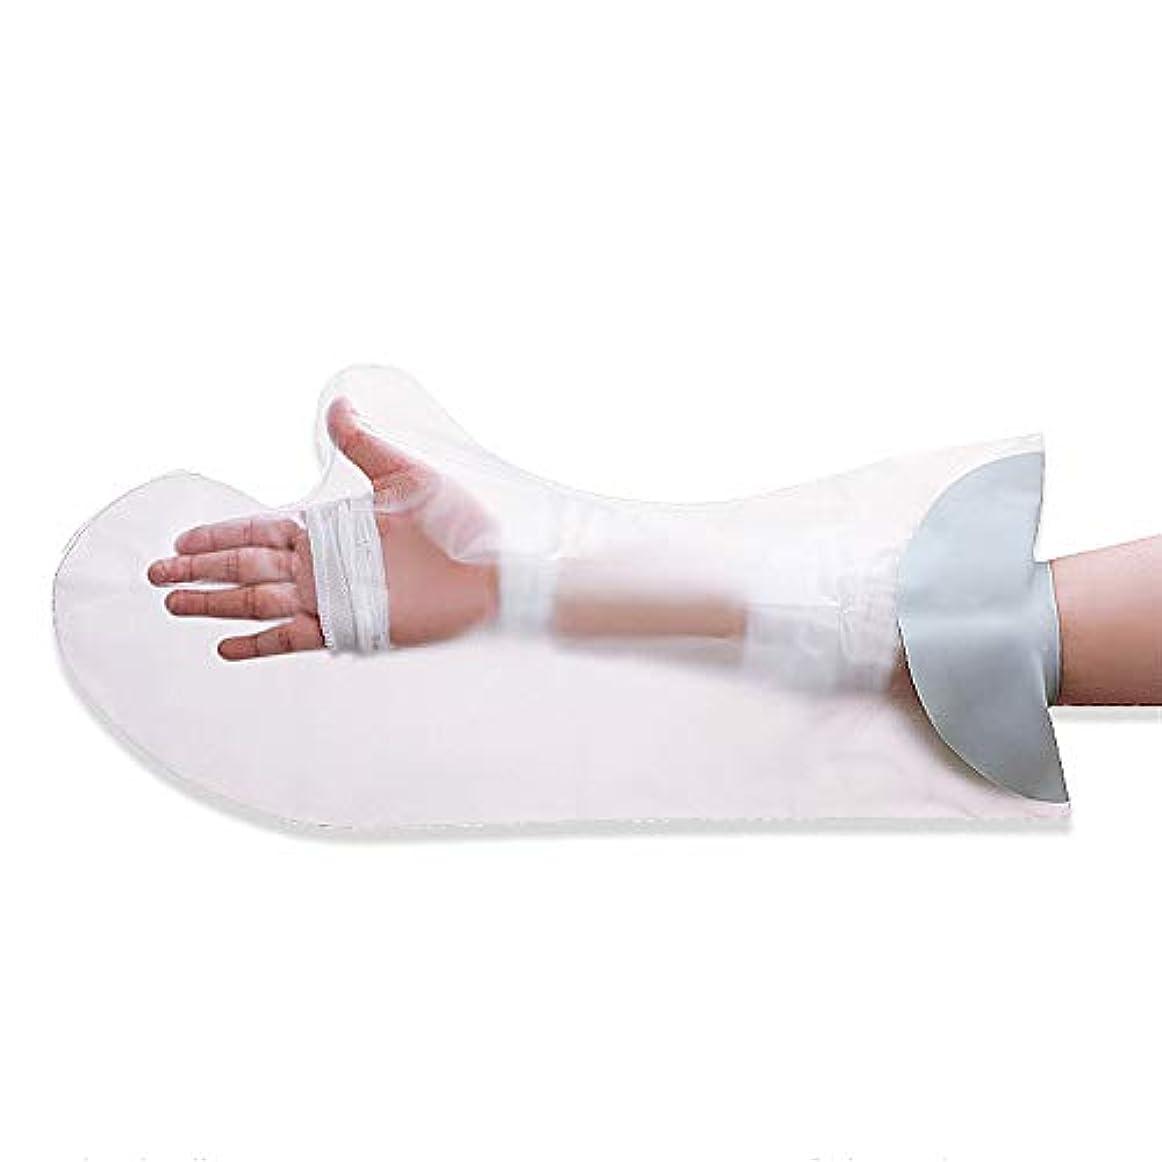 宿題をする寝てる始める入浴大人の防水再利用可能なドライバッグスリーブ防水保護タイト用防水プロテクター包帯